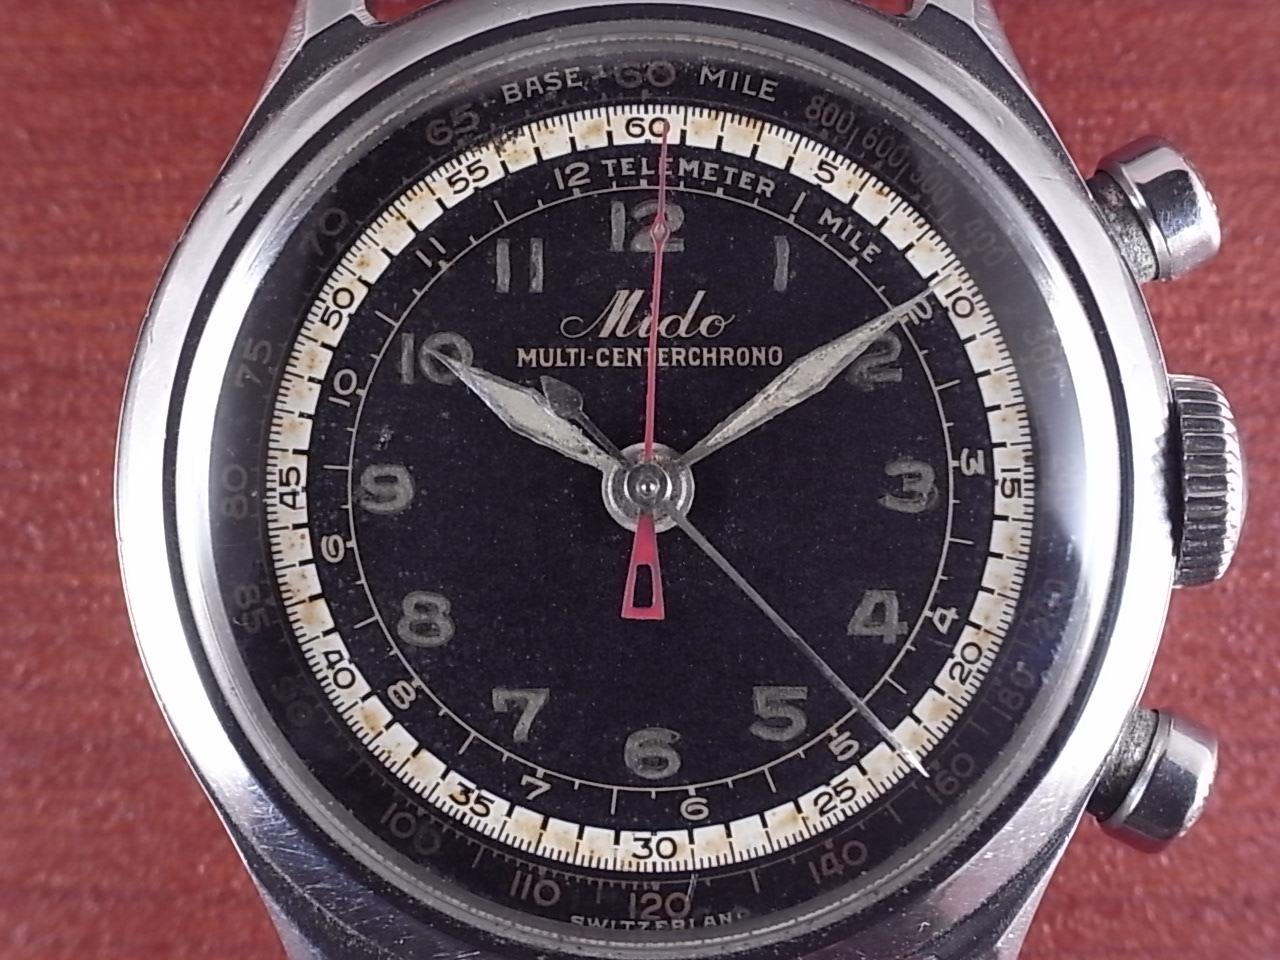 ミドー マルチセンタークロノ ブラックダイアル シースルーバック付き 1950年代の写真2枚目